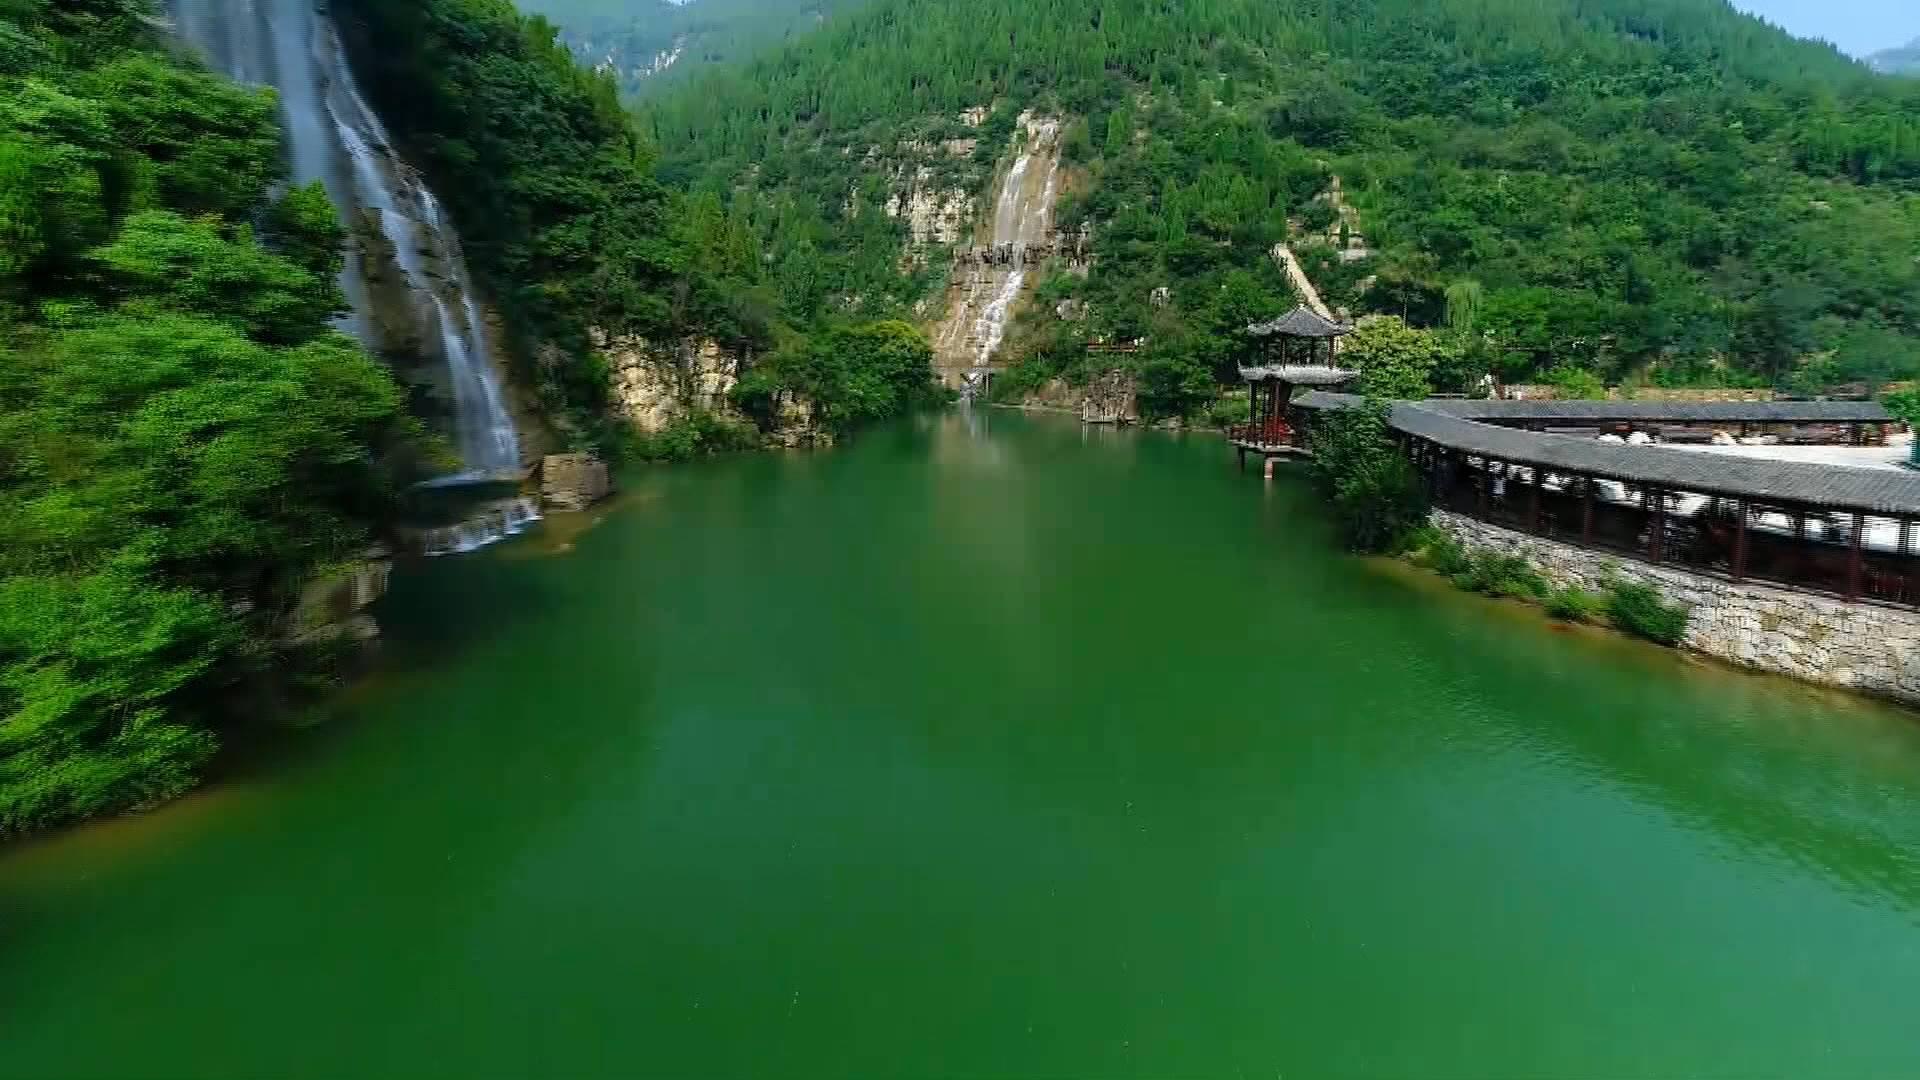 人在画中游~夏日青州黄花溪瀑布飞流 山清水秀